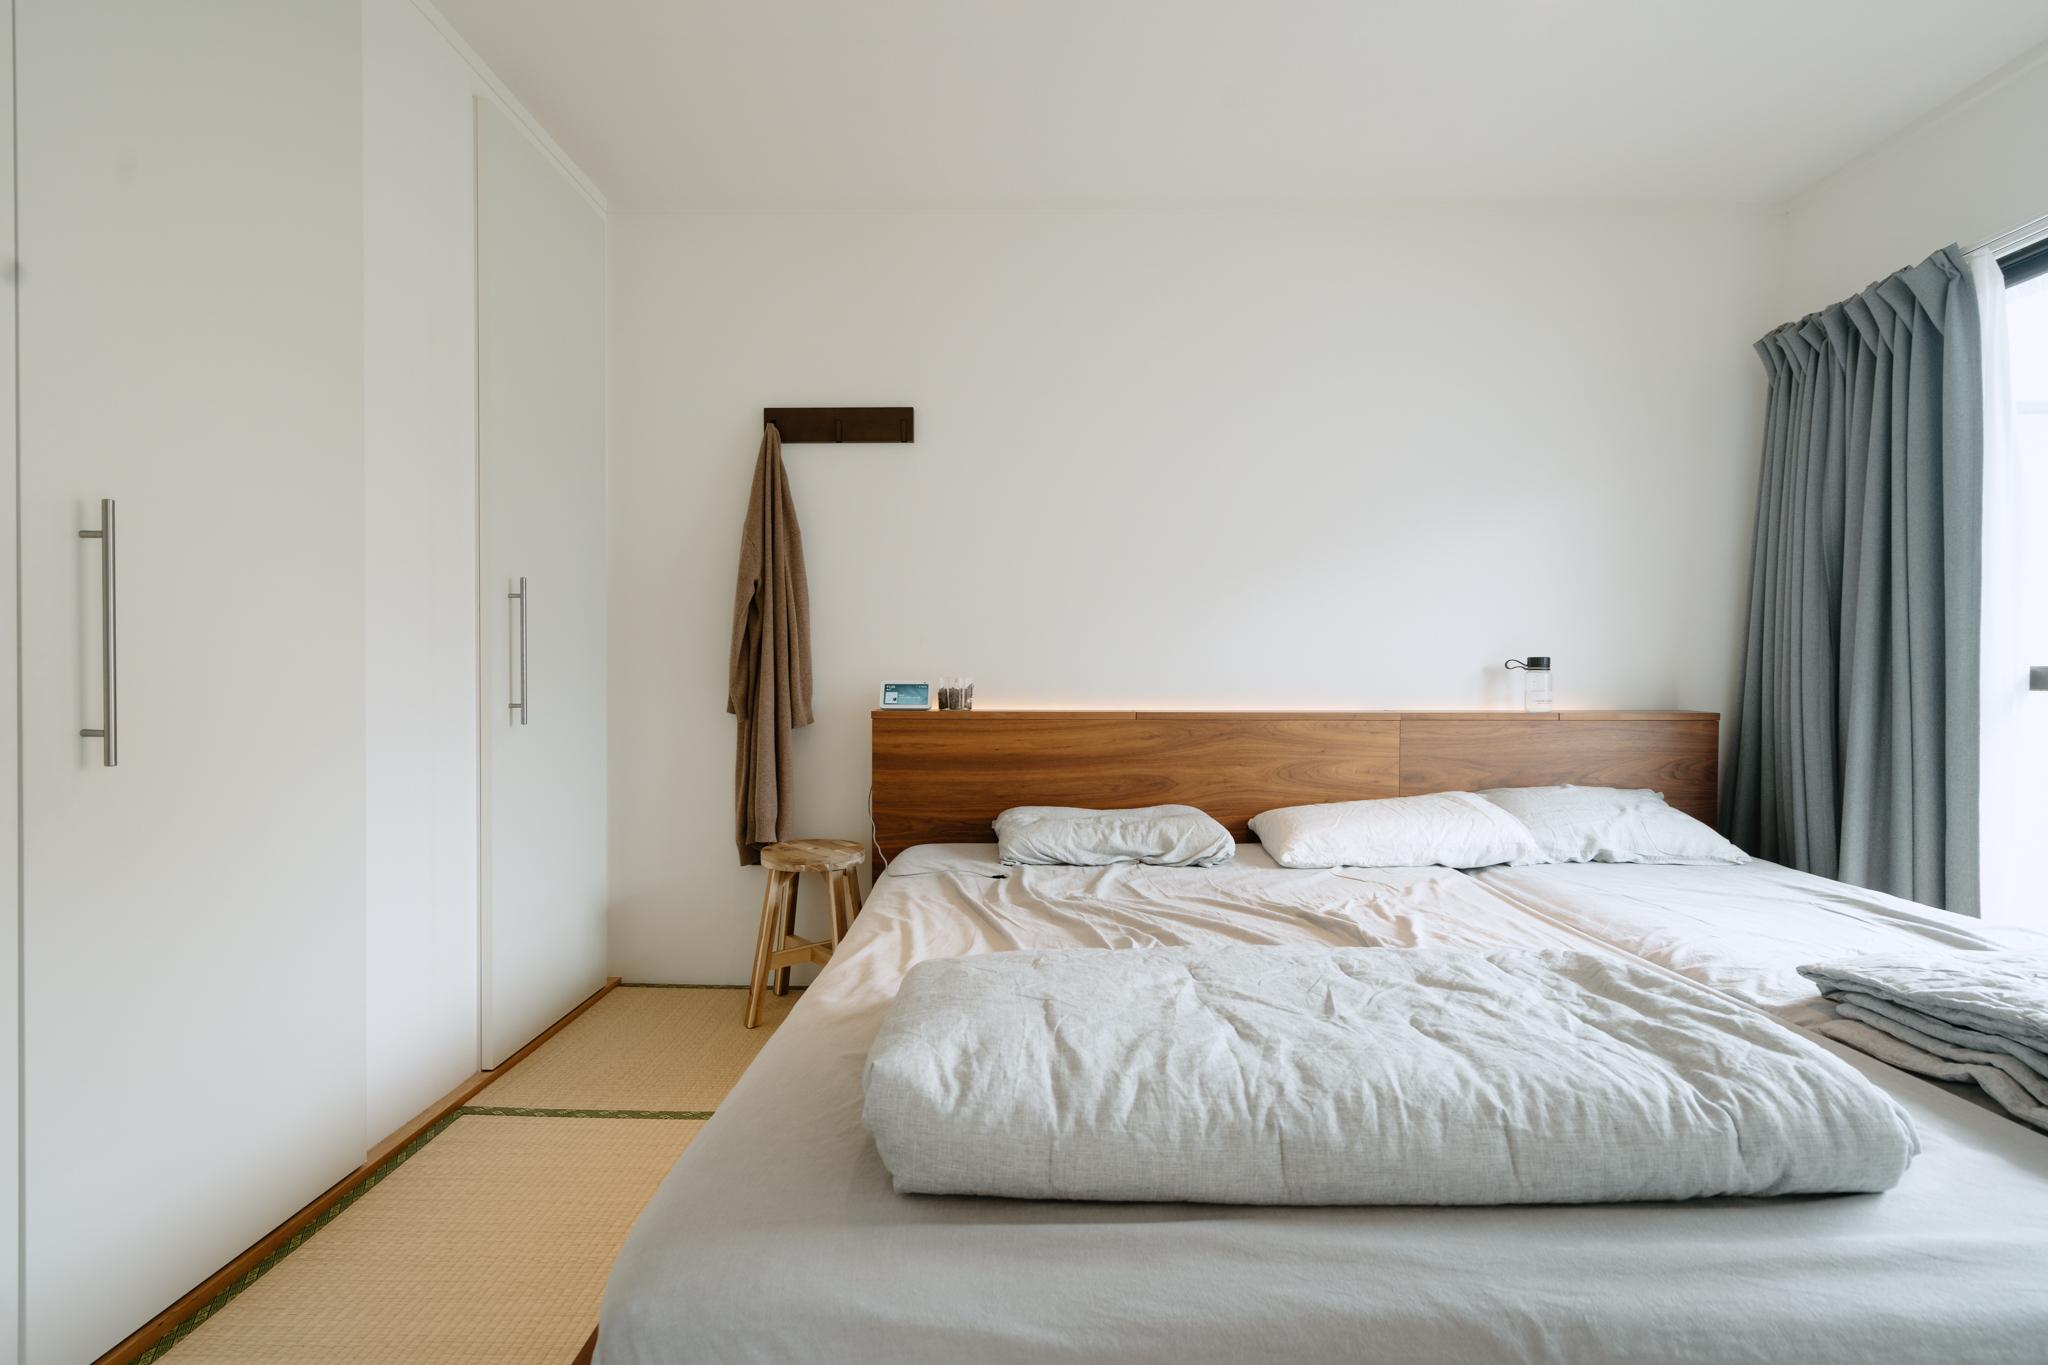 リビング隣のベッドルームは実は和室ですが、無印良品のベッドを置いて、特に畳を気にすることなく使われています。ヘッドボードに間接照明を仕込み、ホテルライクな雰囲気を演出されているとのこと。